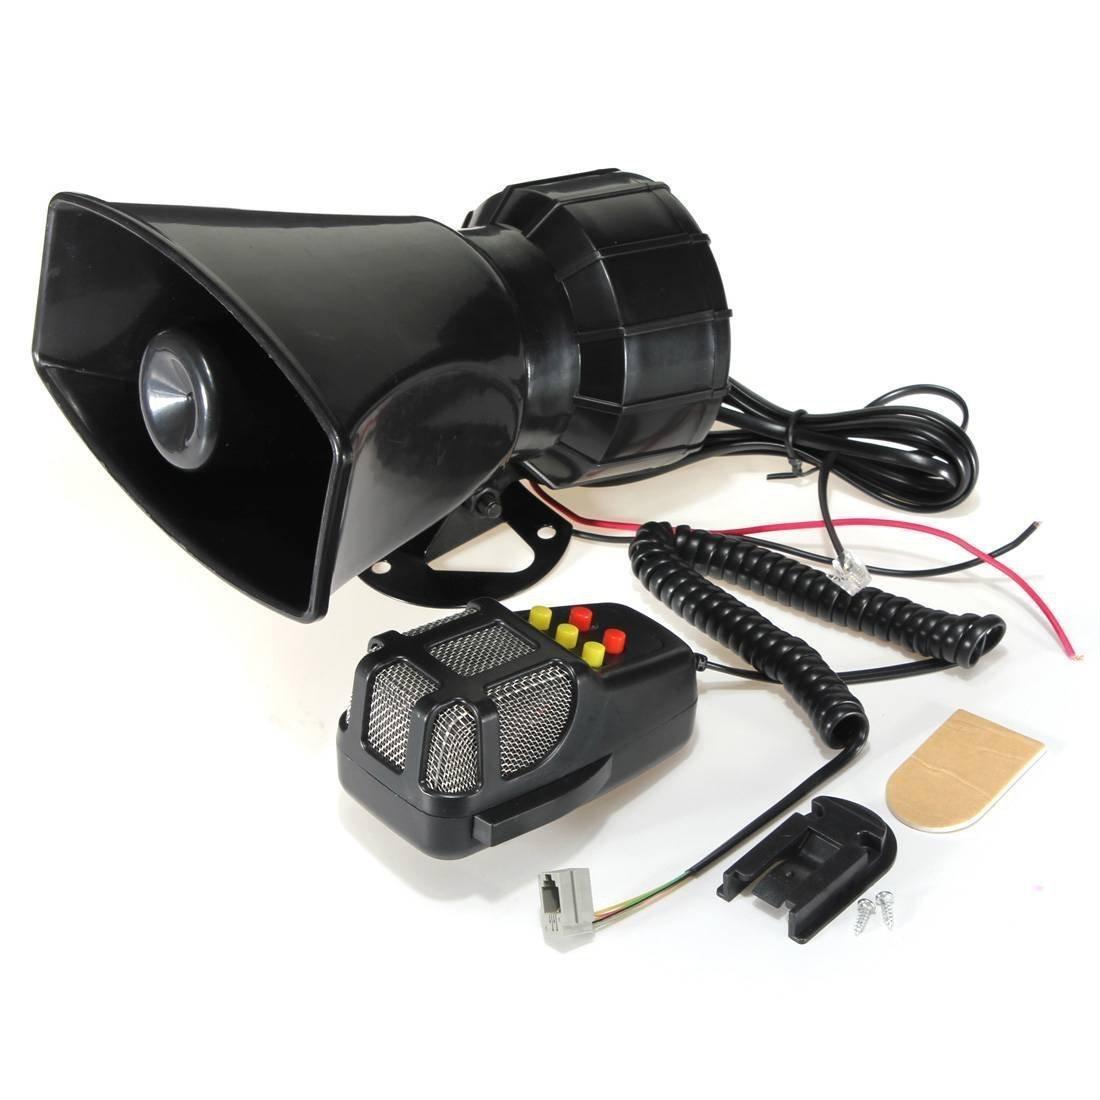 KT-SUPPLY 5 Tö ne Signalhorn Hupe Autosirene Fanfare Hupe Mikrofon Lautsprecher 50W 12V fü r Auto Motorrad